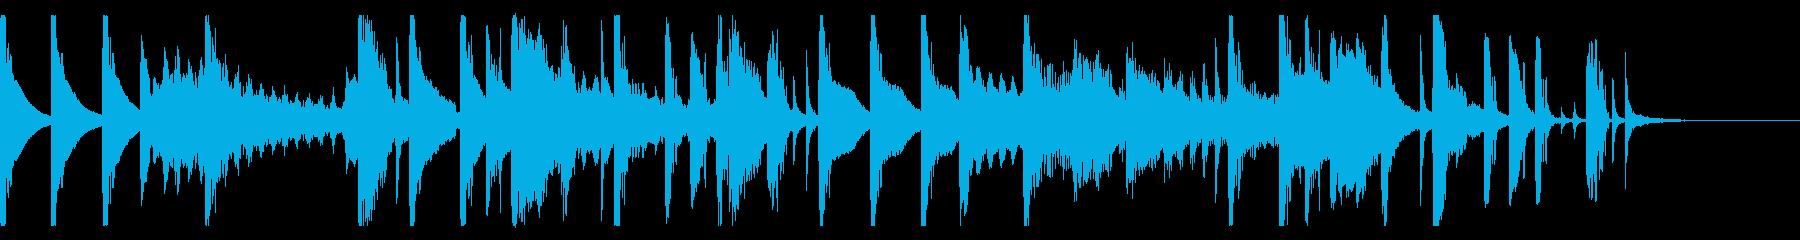 シンコペーションエレクトロポップの再生済みの波形